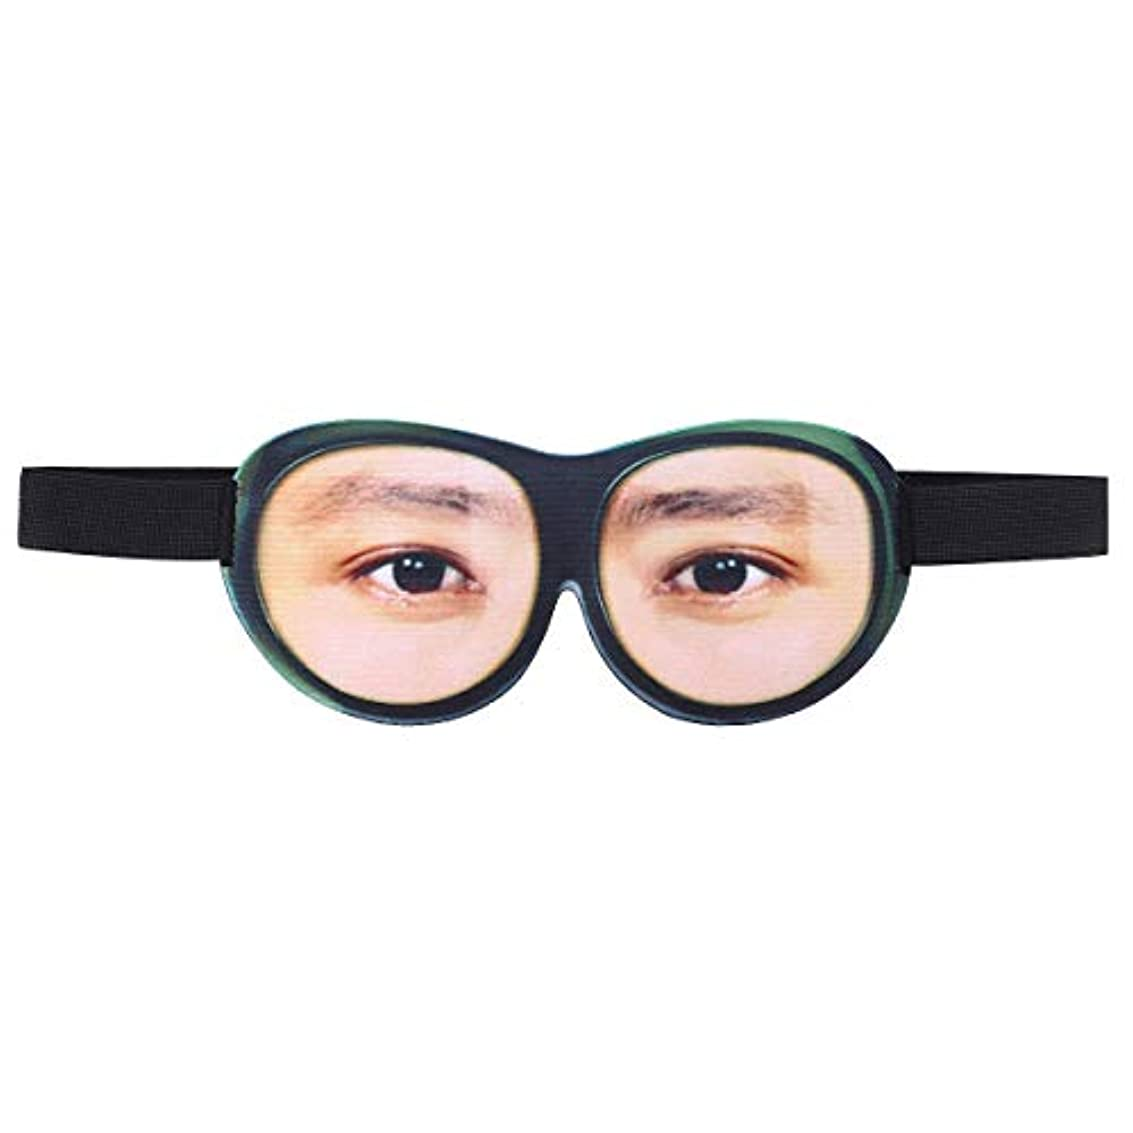 賢明なグラマー現実Healifty 3D面白いアイシェード睡眠マスク旅行アイマスク目隠し睡眠ヘルパーアイシェード男性女性旅行昼寝と深い眠り(男になりすまし)